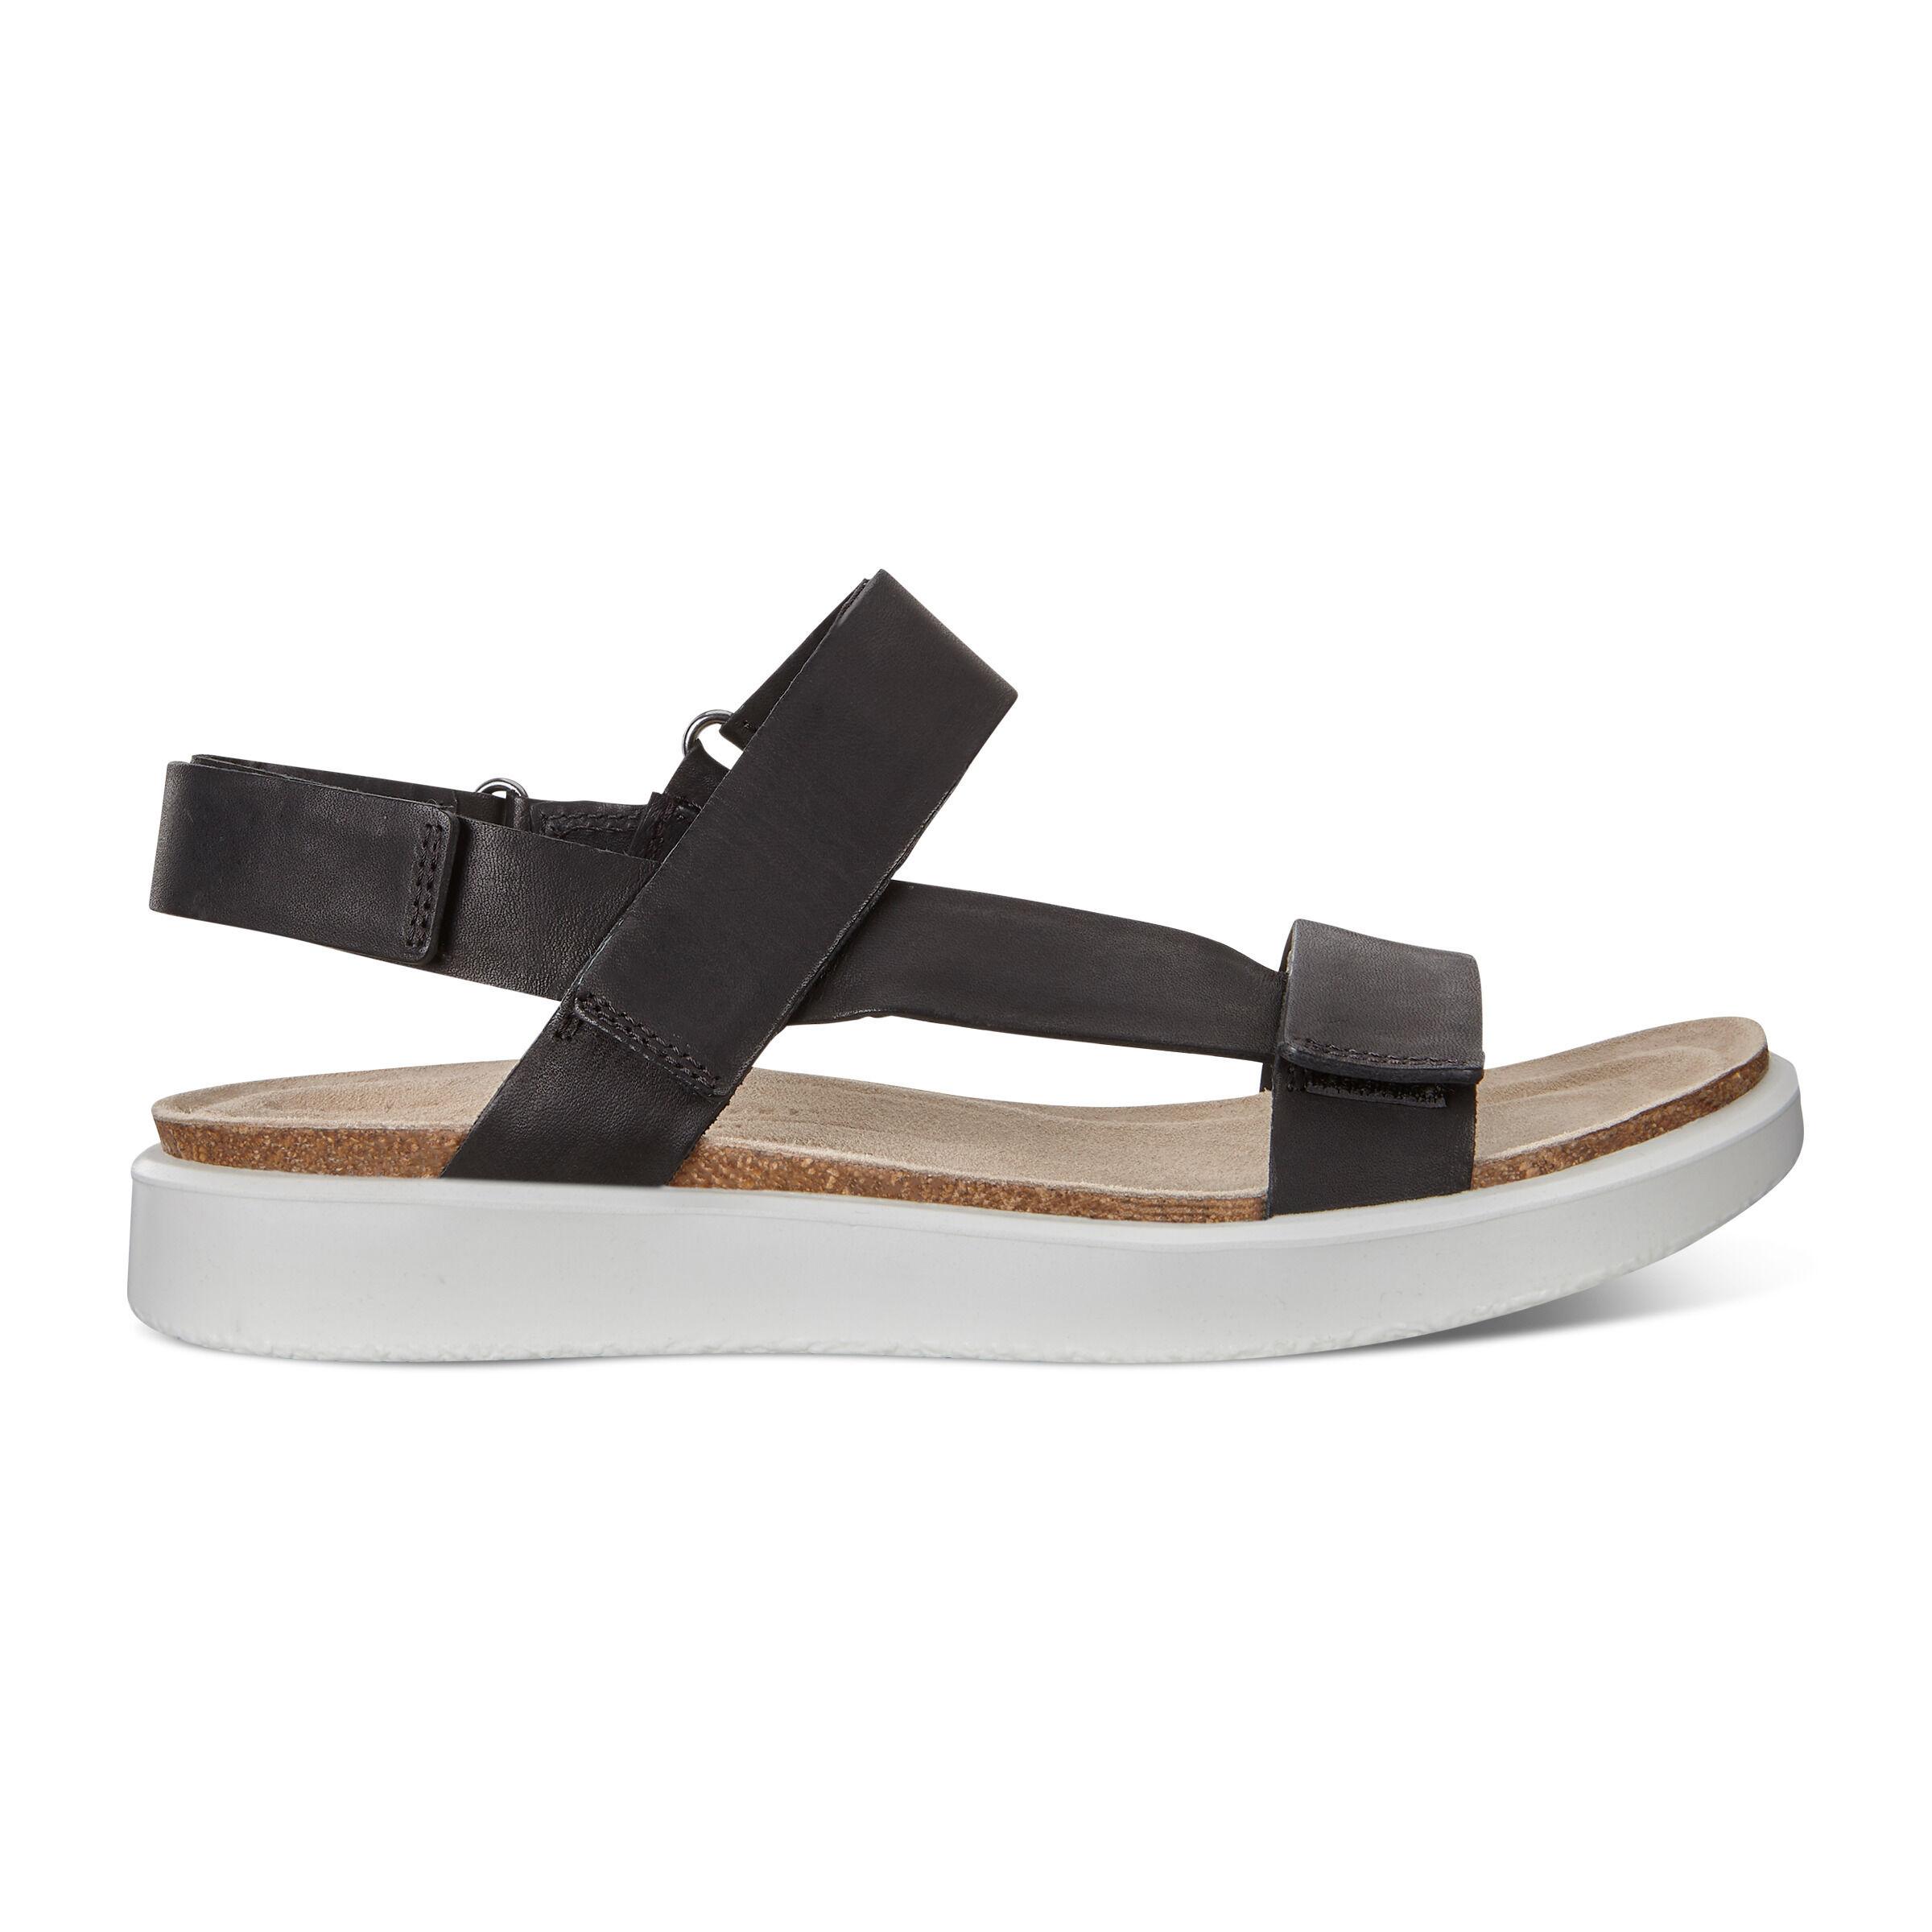 Women's Sandals   ECCO® Shoes